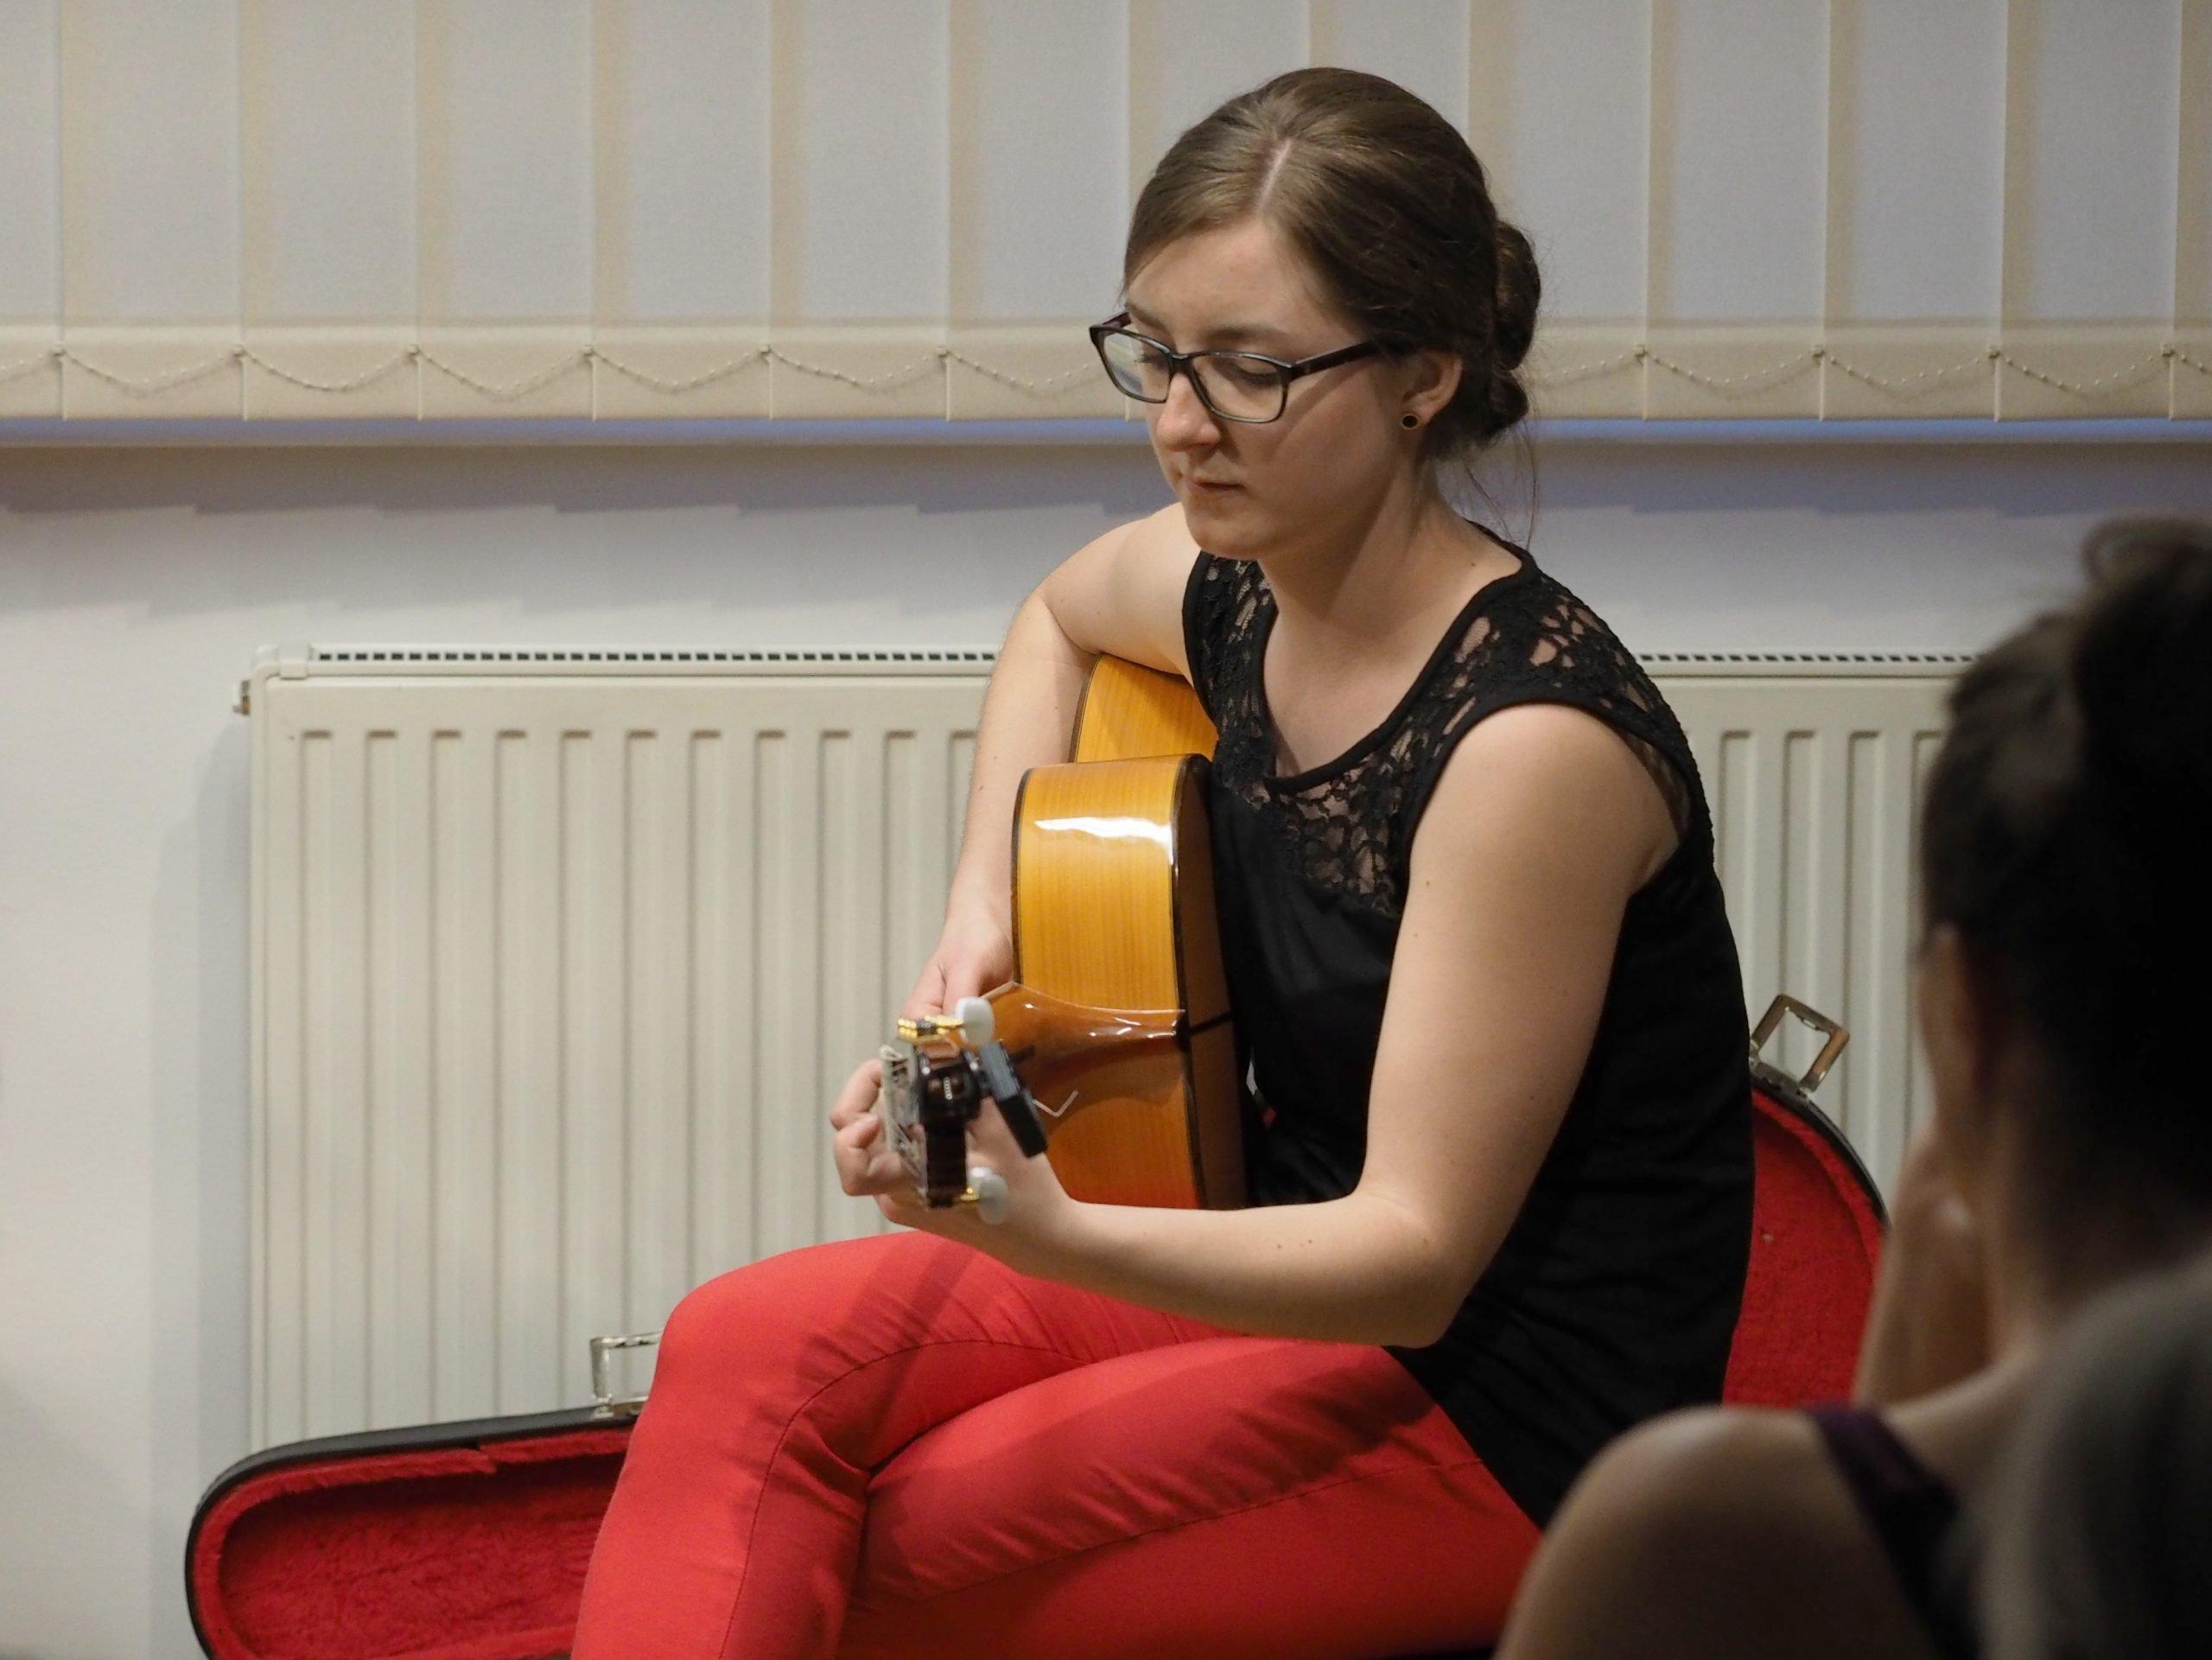 Miriam Gsöllpointner